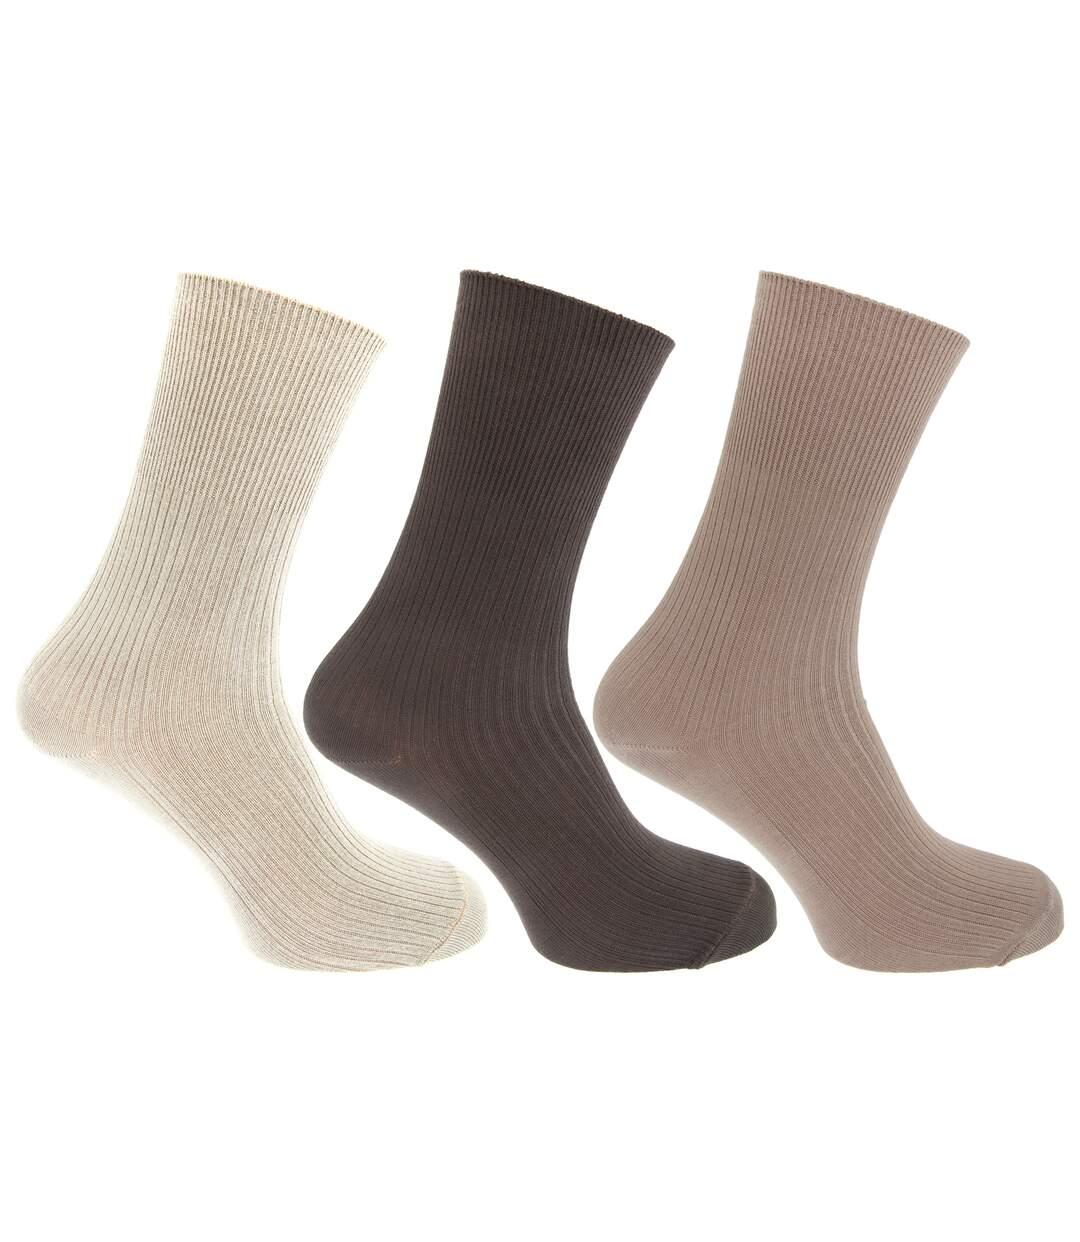 Mens Casual Non Elastic Bamboo Viscose Socks (Pack Of 3) (Cream/Brown/Beige) - UTMB376